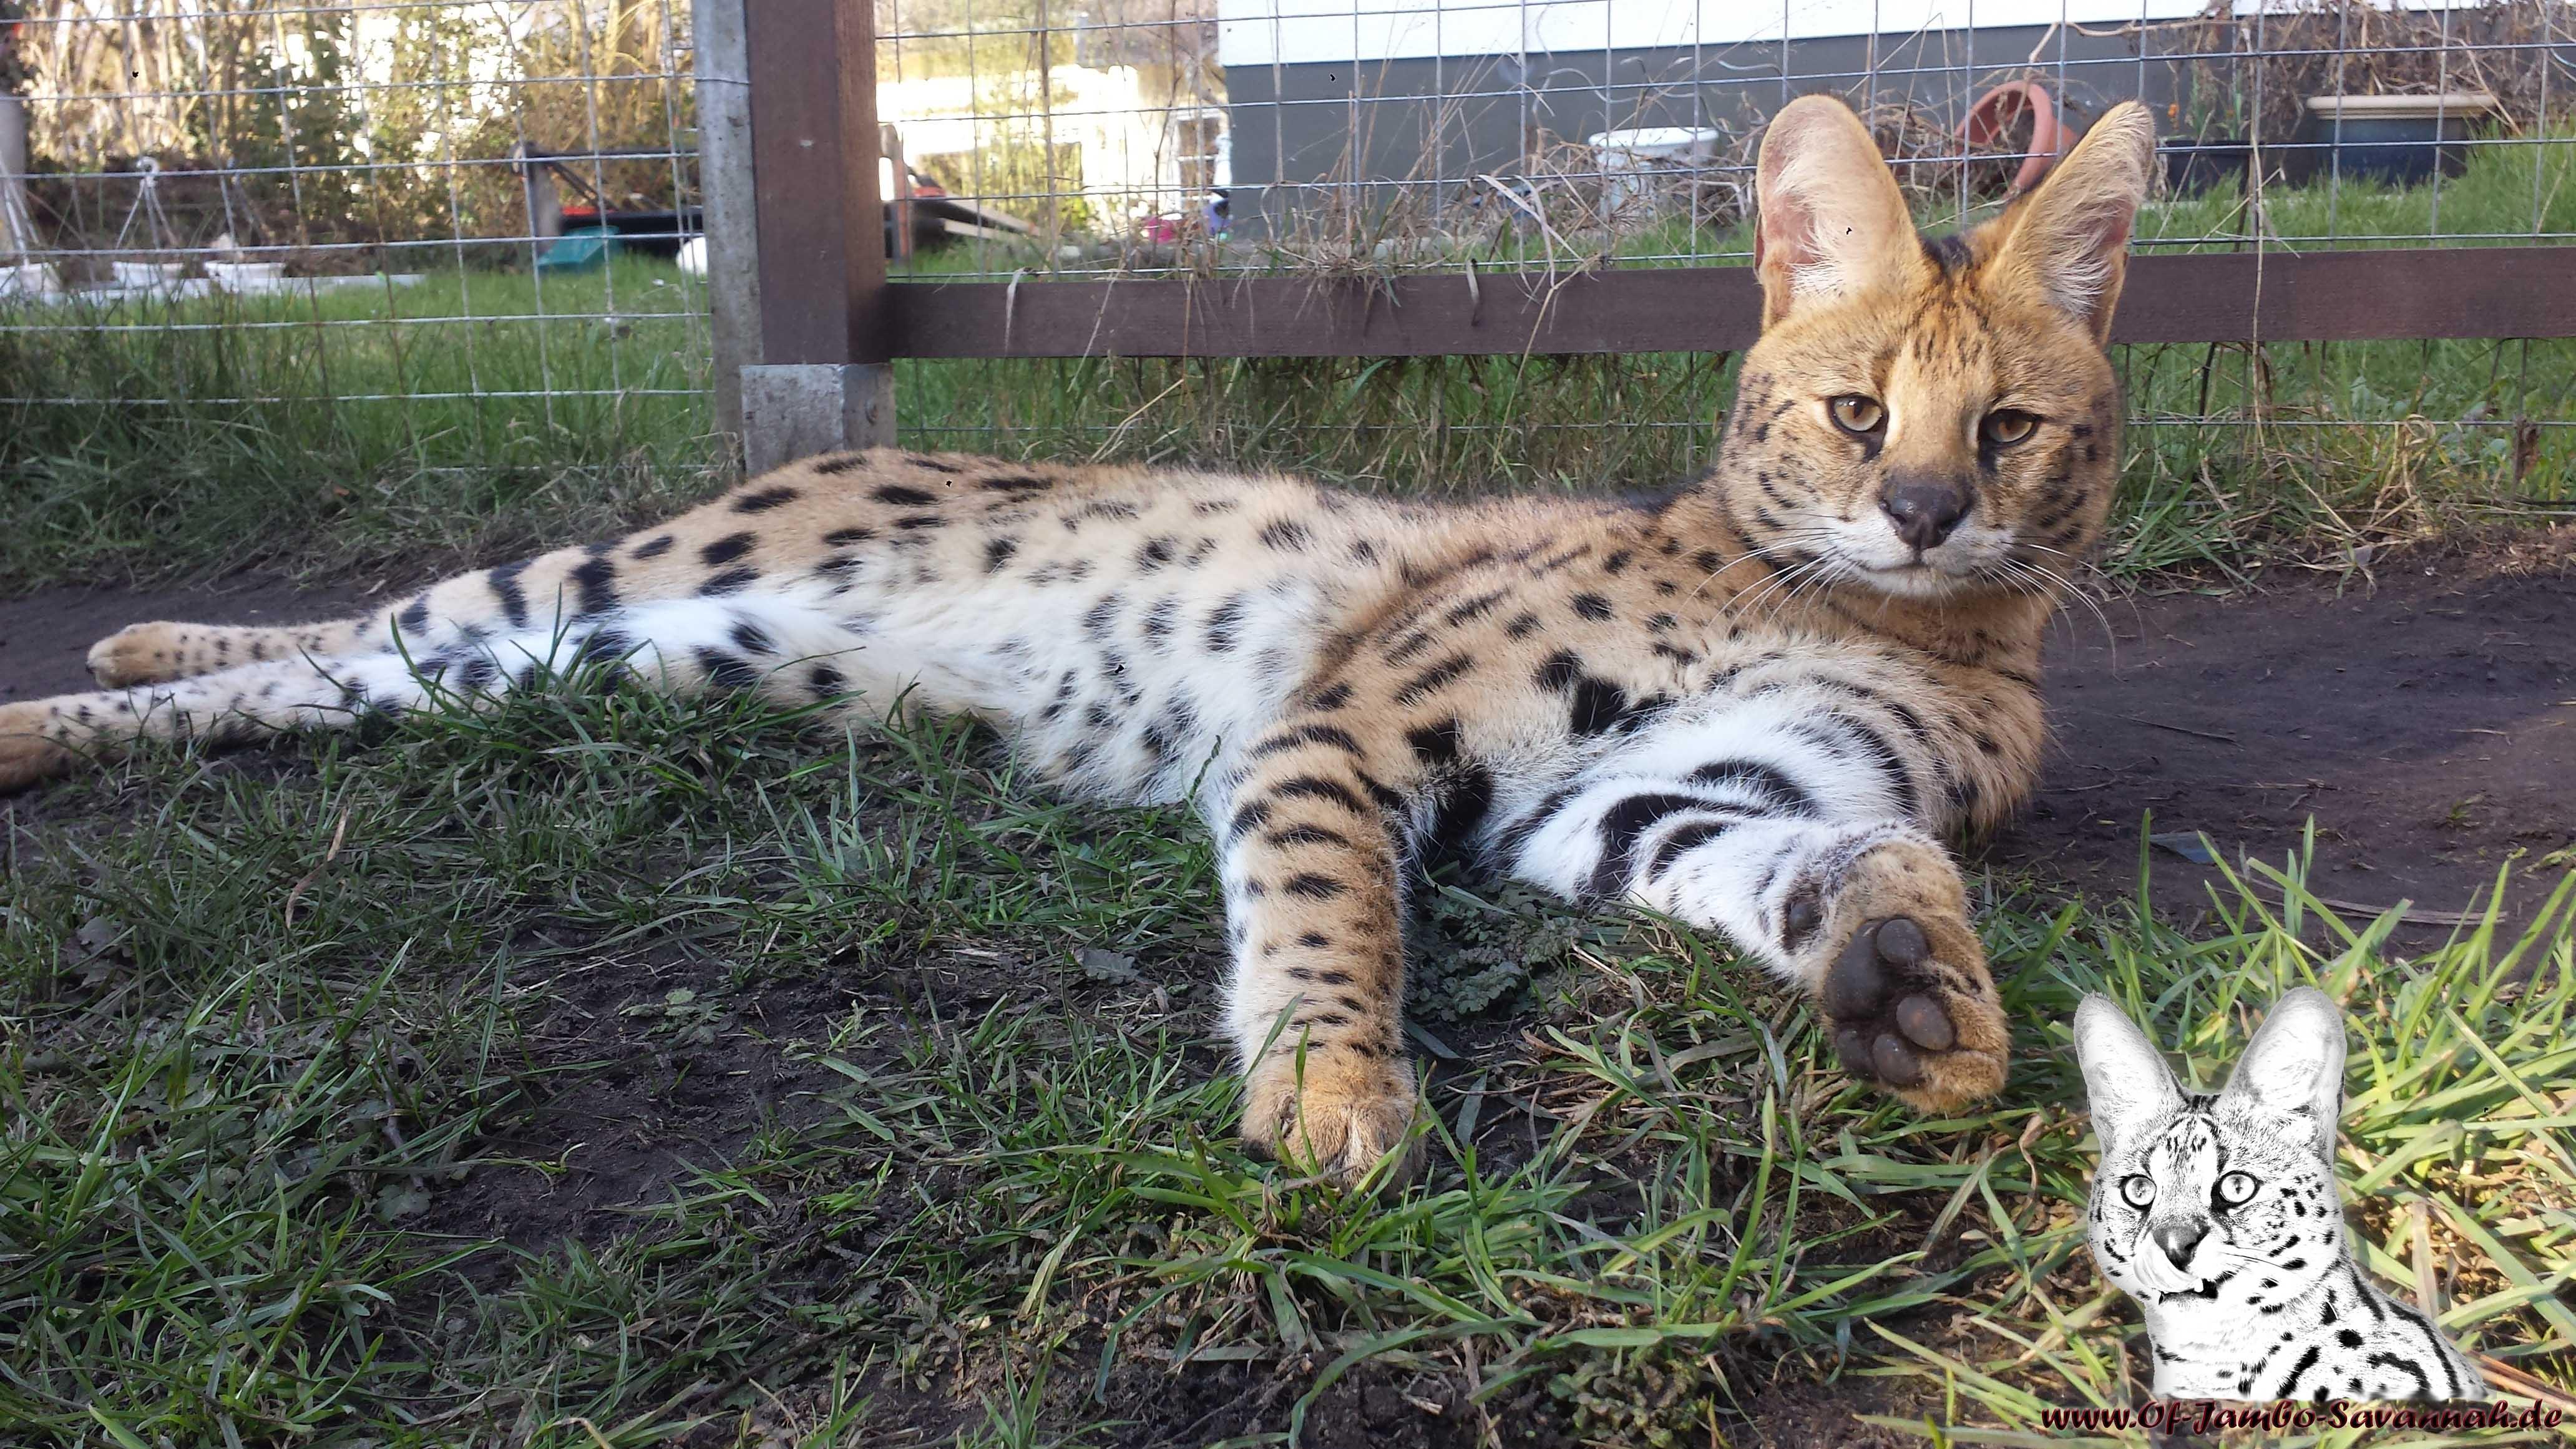 Ein Serval ist eine große Kleinkatze und lebt in feuchten gut bewachsenen Gebieten der Savannah.